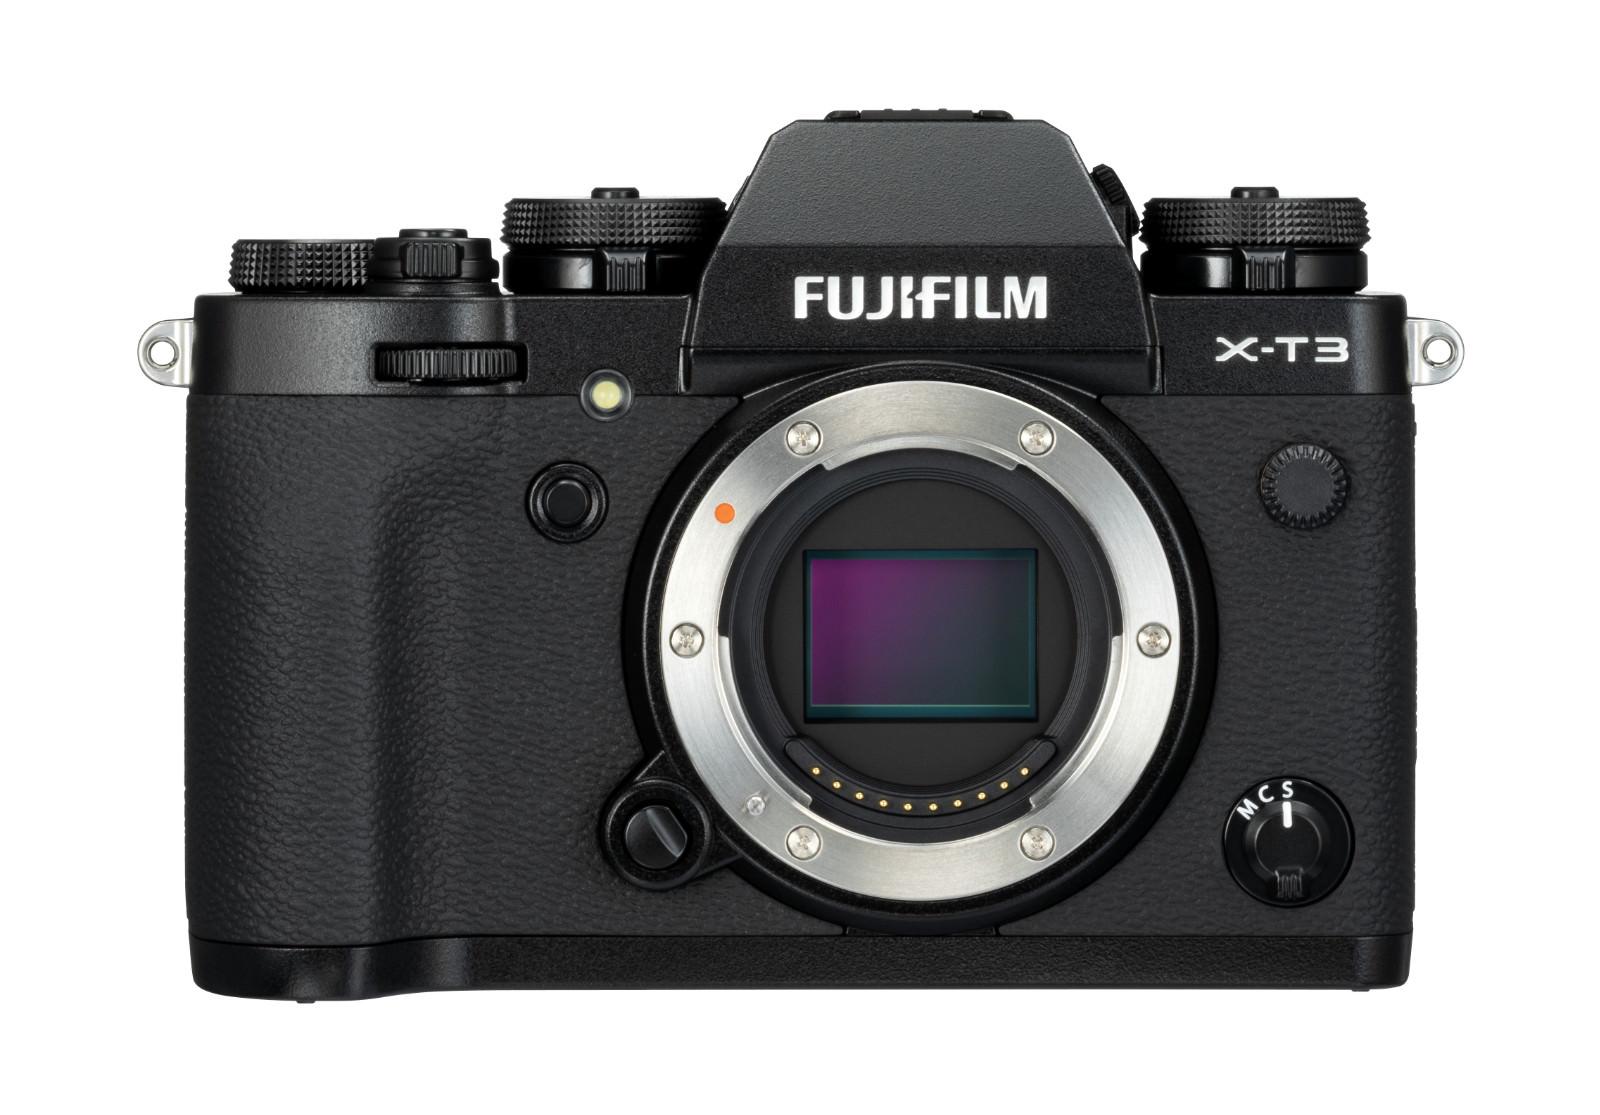 Fujifilm X-T3 – tělo je svému předchůdci X-T2 podobné k nerozeznání, uvnitř se ale změnilo hodně.